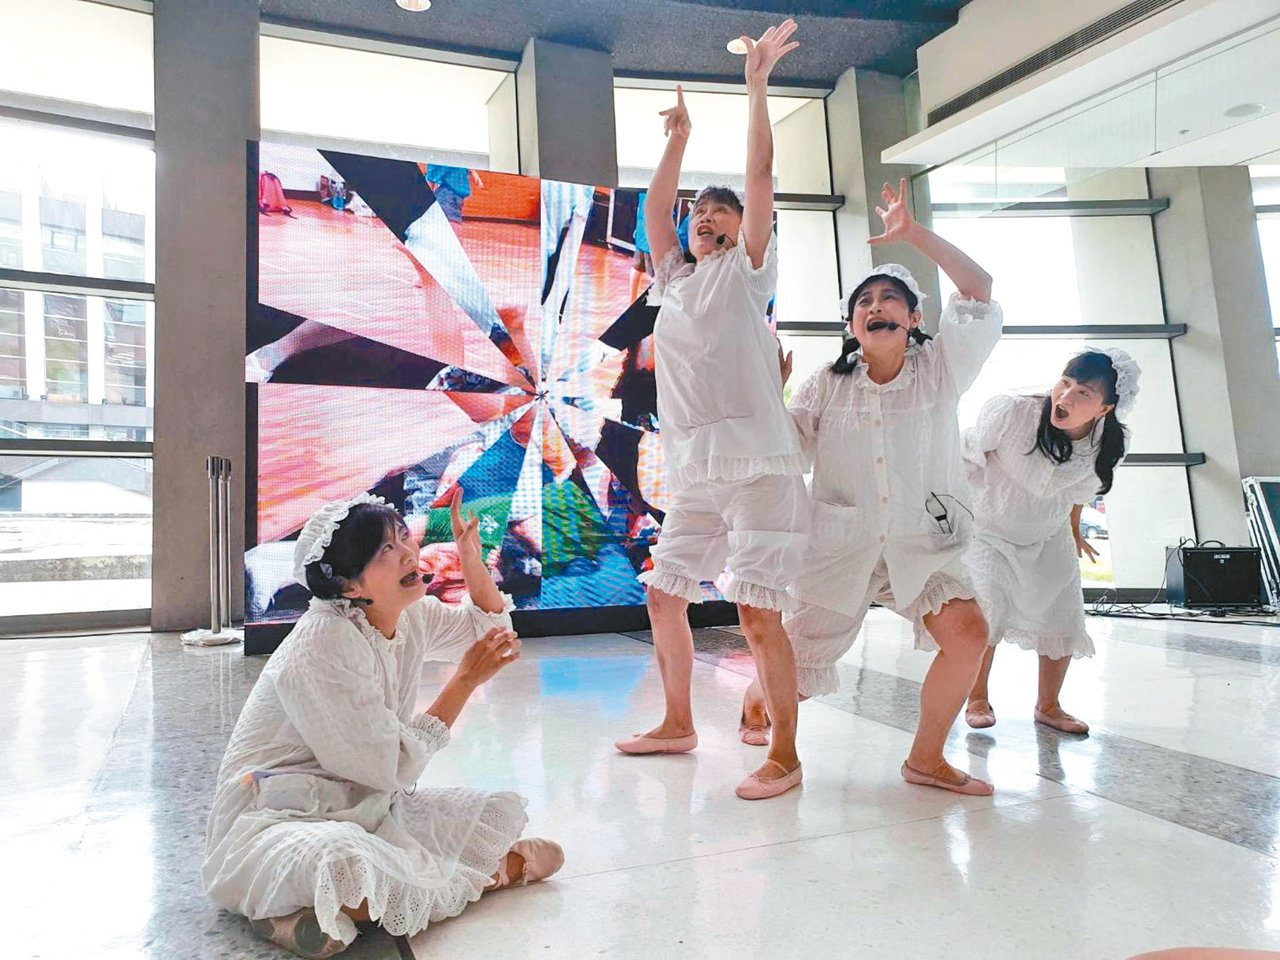 圖為花痞子劇團的精彩表演。 圖/屏東縣政府文化處提供